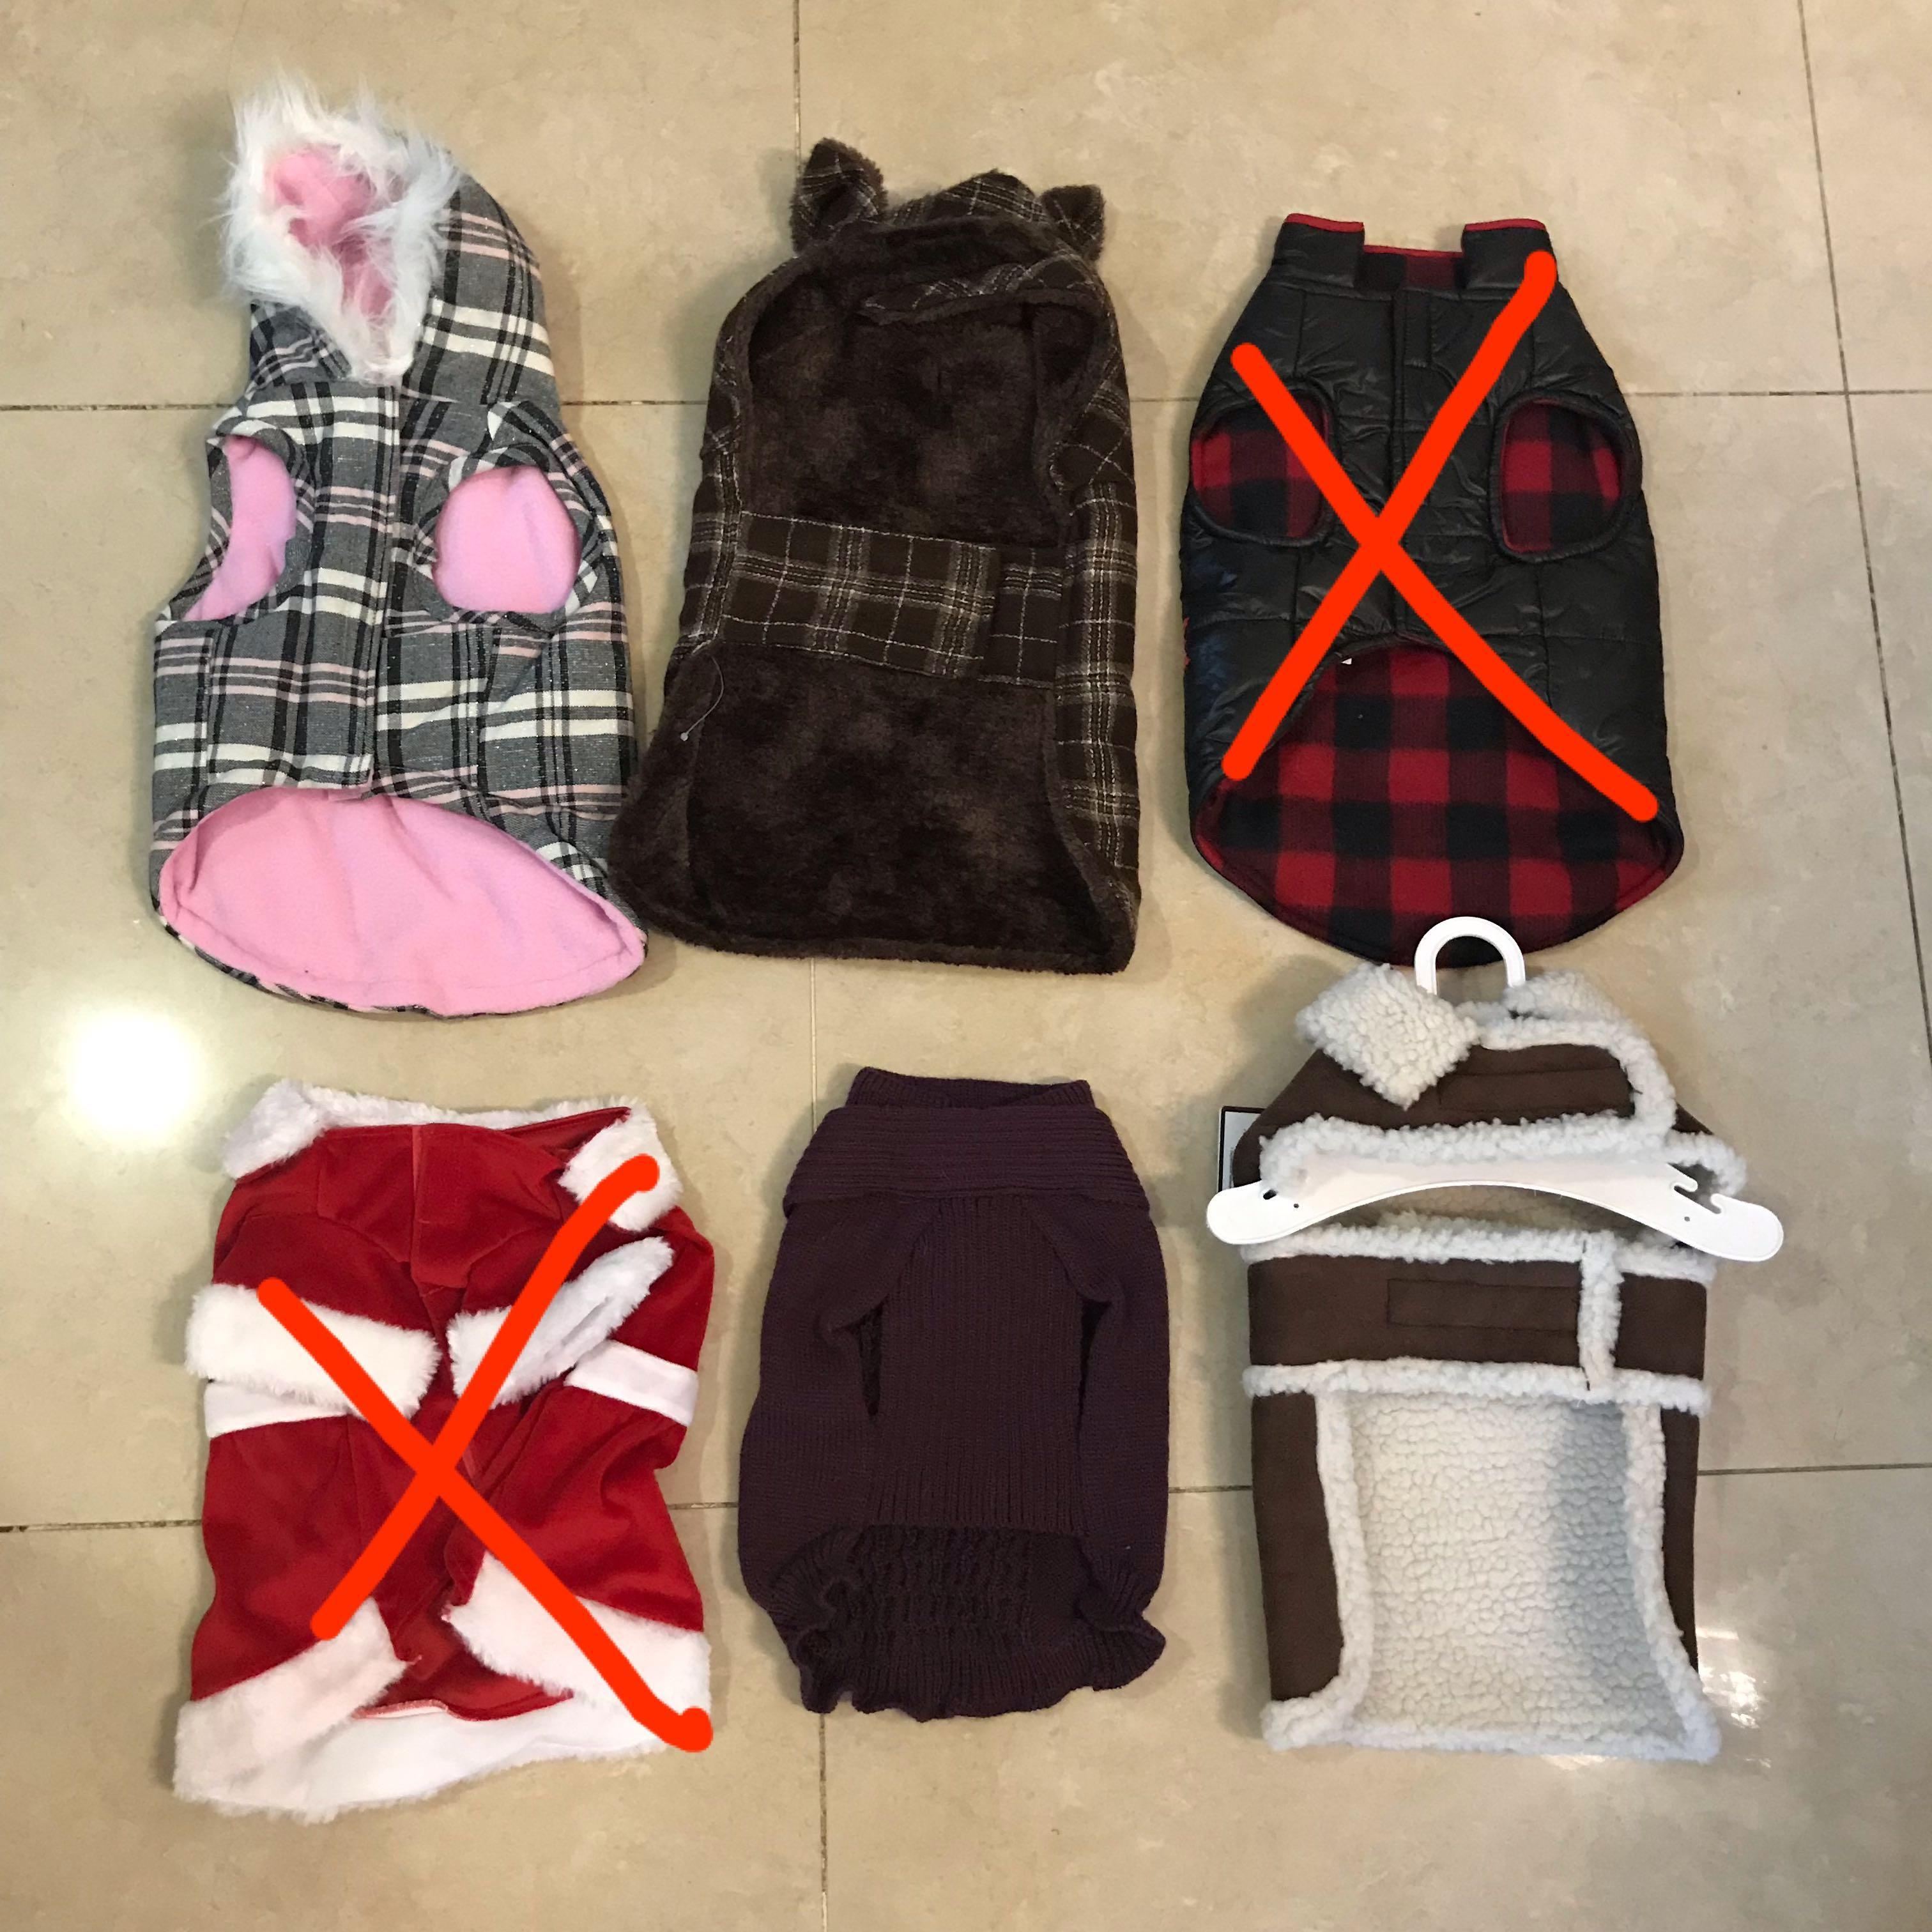 朋友寵物店結業 !! 美國品牌 Pet M size clothes 一律$30